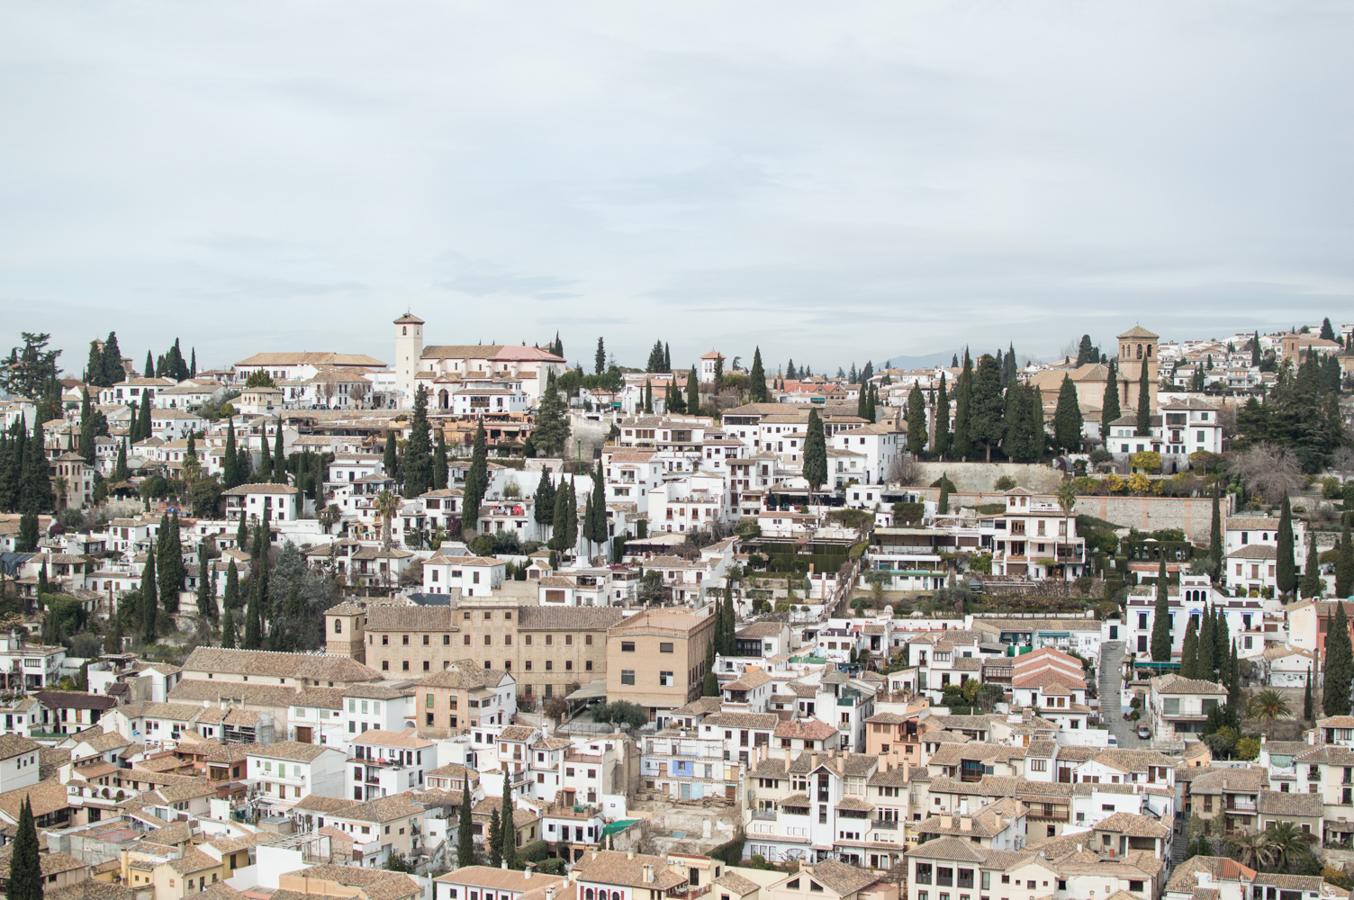 Alhambra-9025